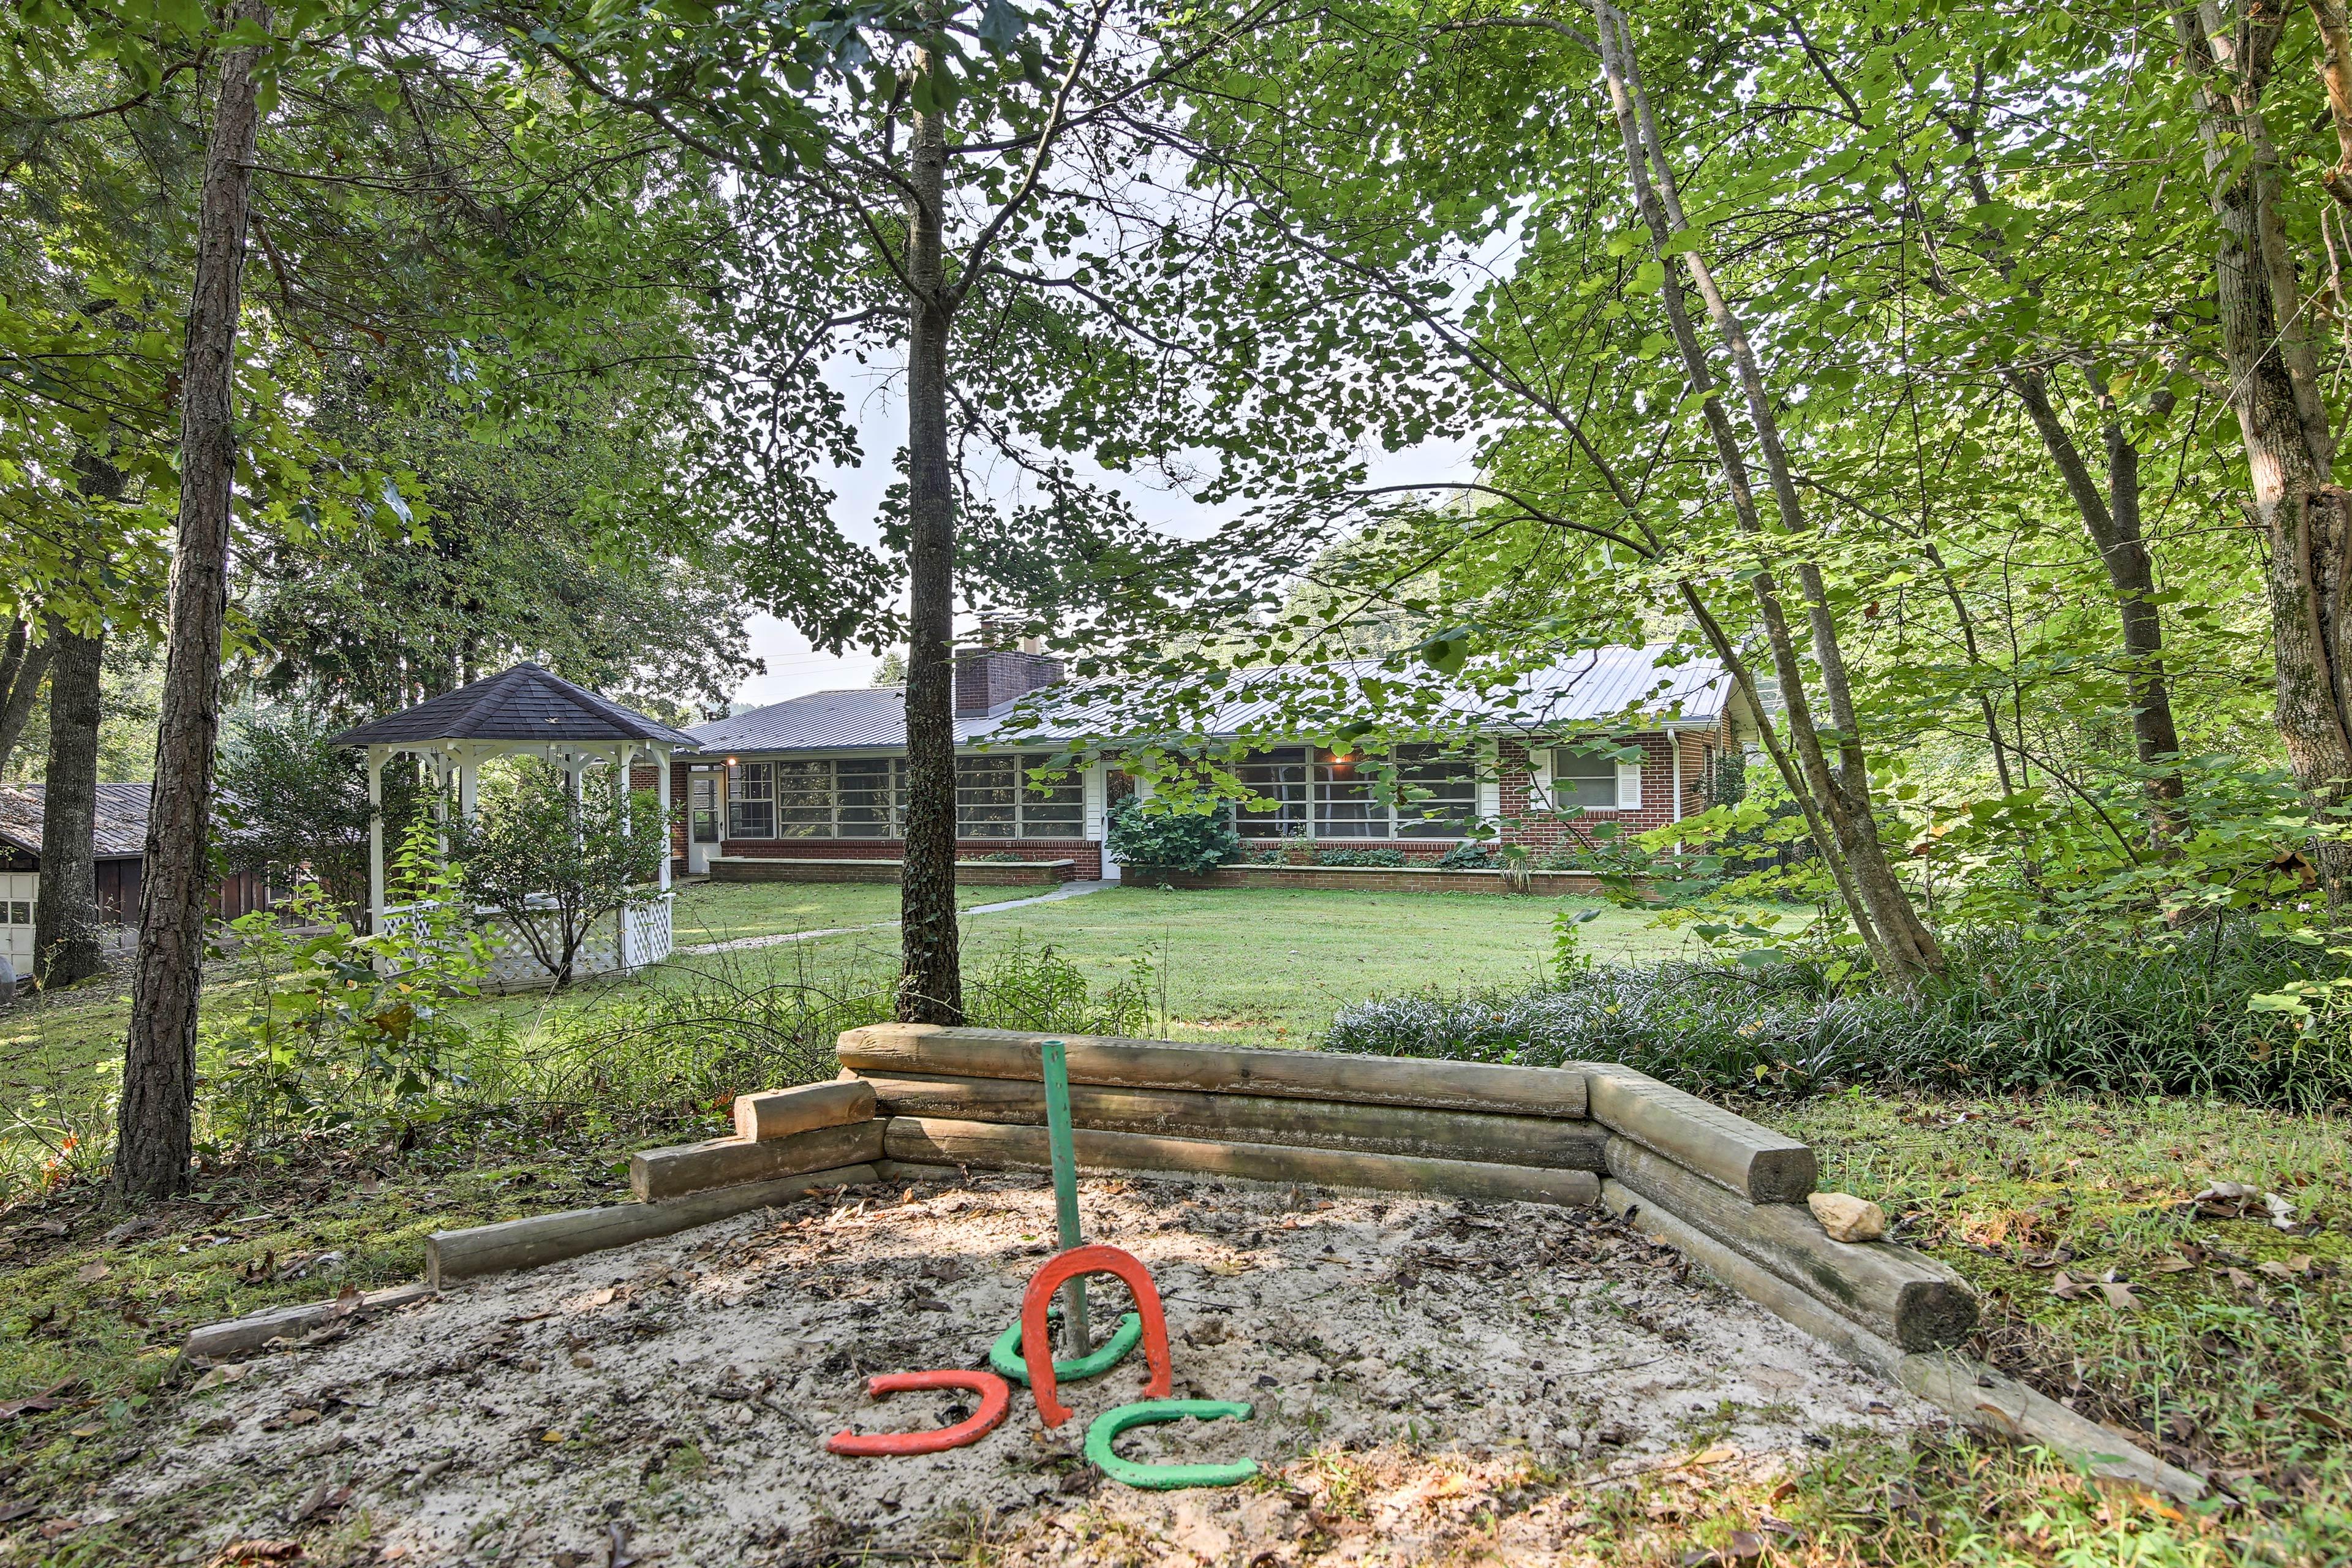 The 5-acre property boasts a regulation-sized horseshoe pit.